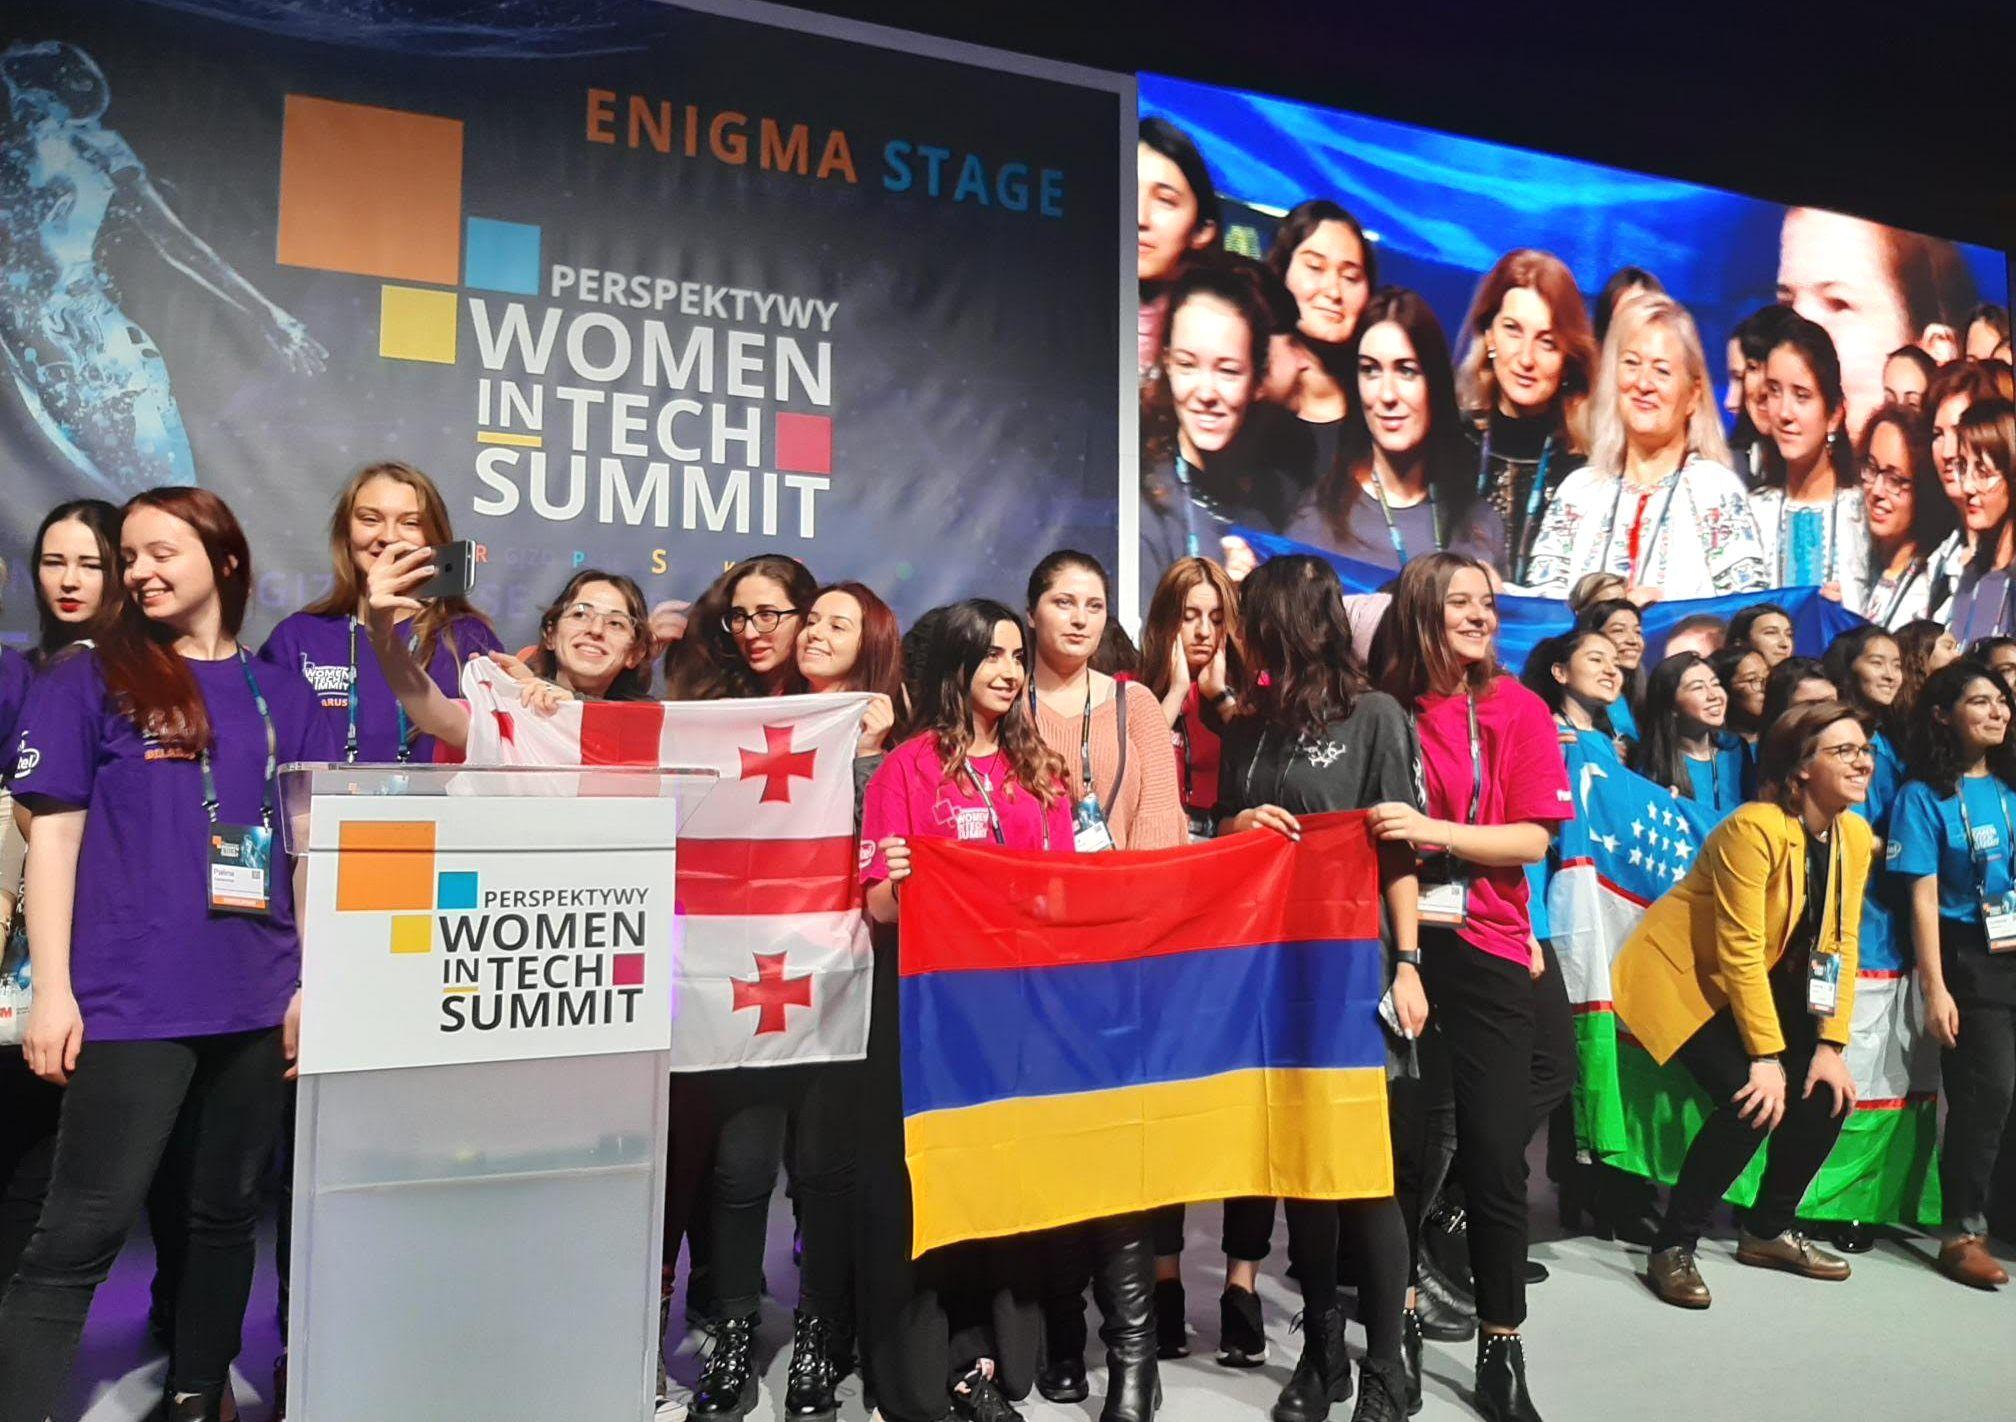 Հայաստանի պատվիրակությունը մասնակցել է Վարշավայում կայացած Perspektywy Women in Tech Summit 2019 համաժողովին